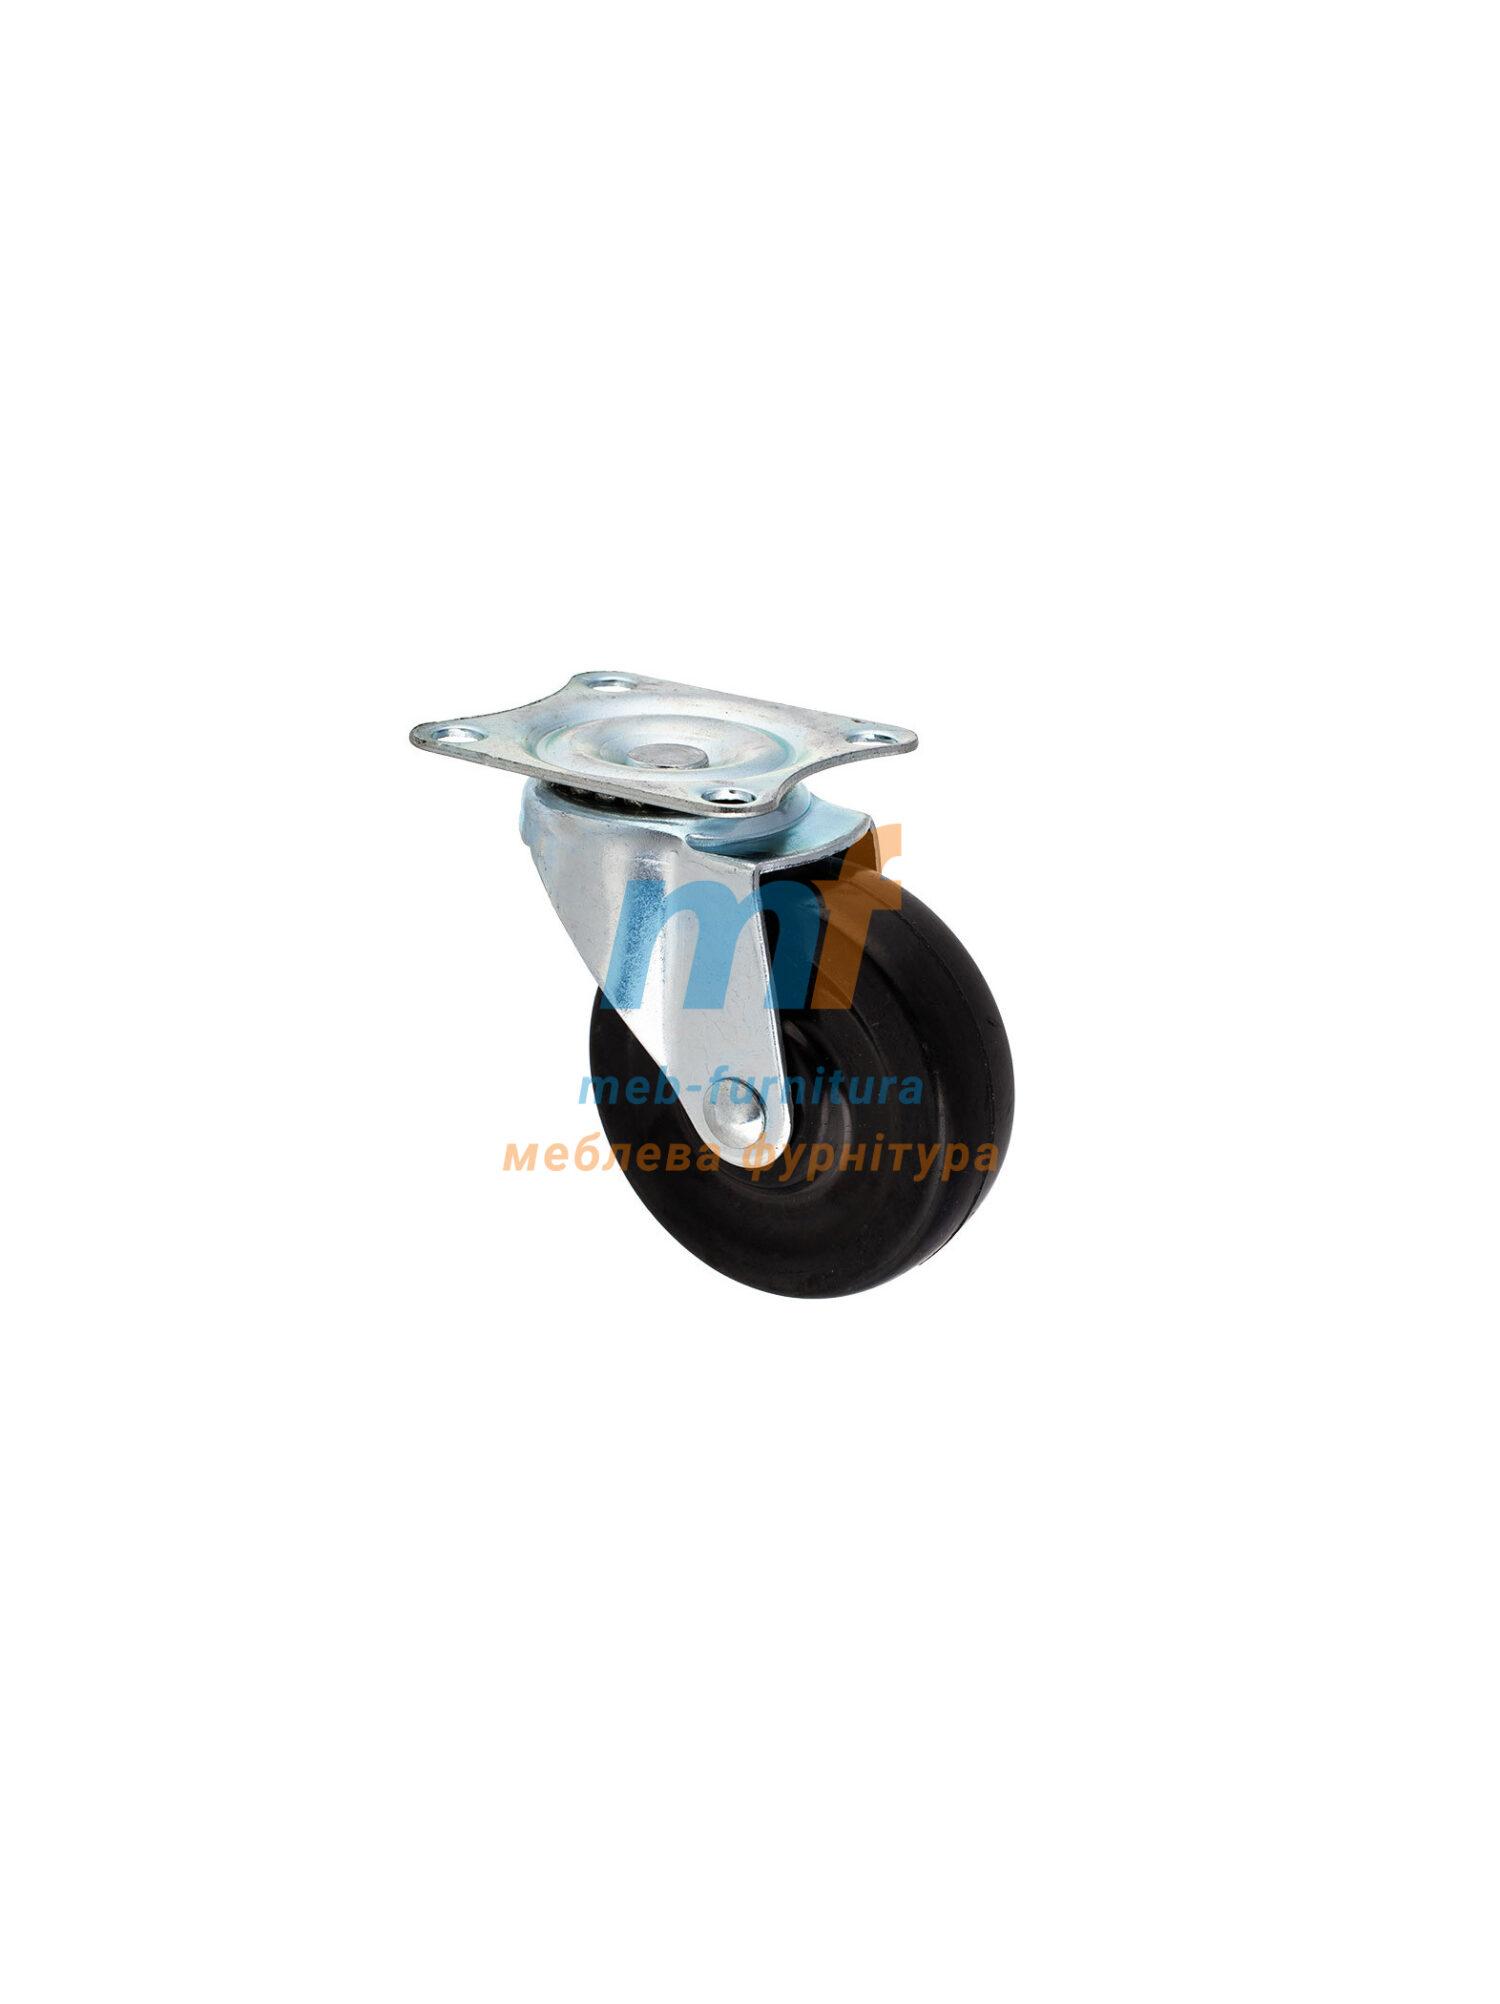 Колесо резина на платформе 50мм (3-004)